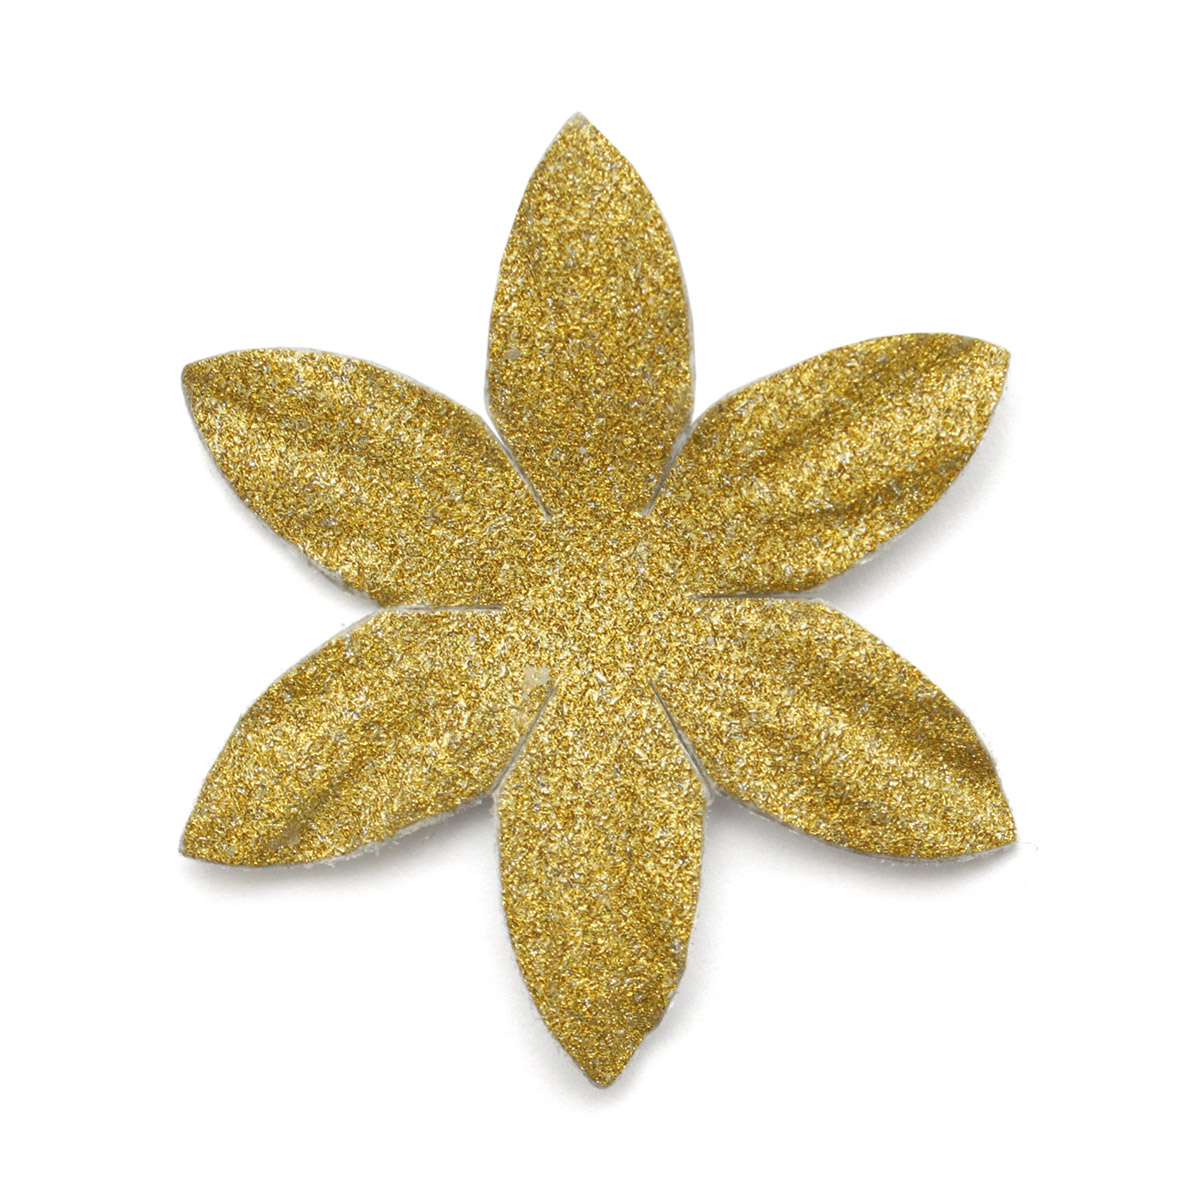 YX15-119 Бумажные лепестки с блестками 'Ромашка', d 4,5 см, упак./8 шт.